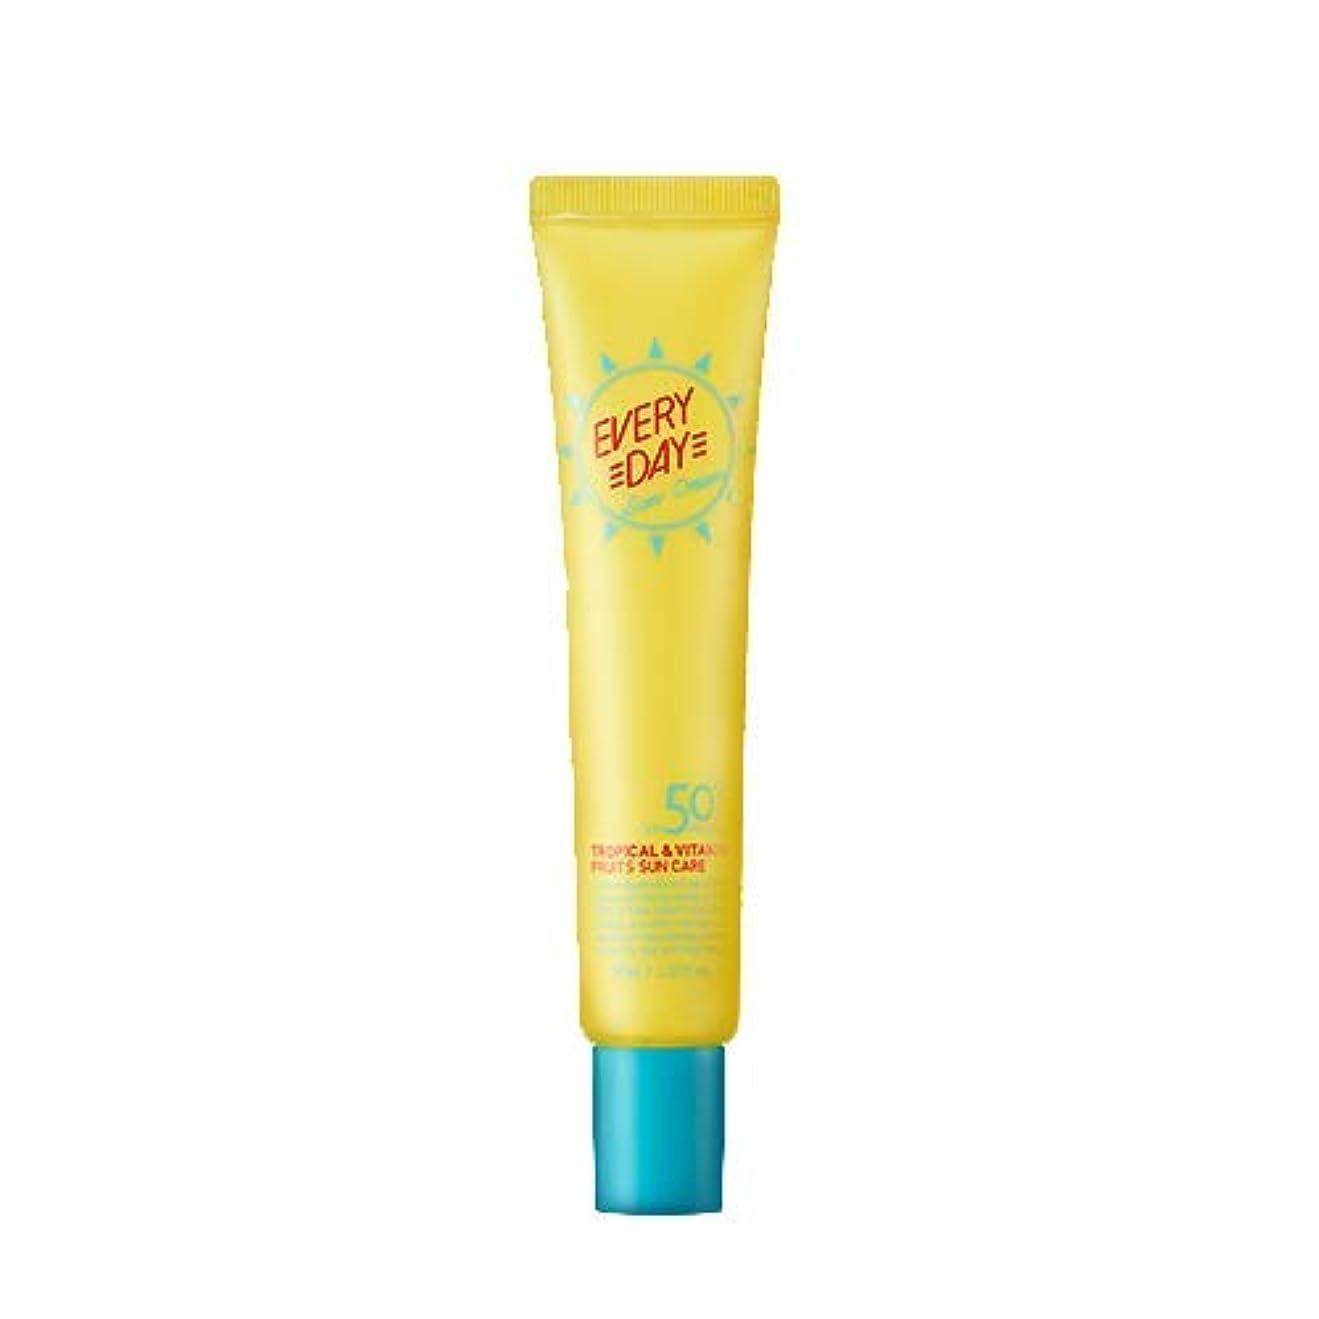 くつろぐ恥ずかしさ改修[1+1] APIEU Every Day Sun Cream 30ml アピュ エブリデーサンクリーム SPF50+ PA++++ [並行輸入品]